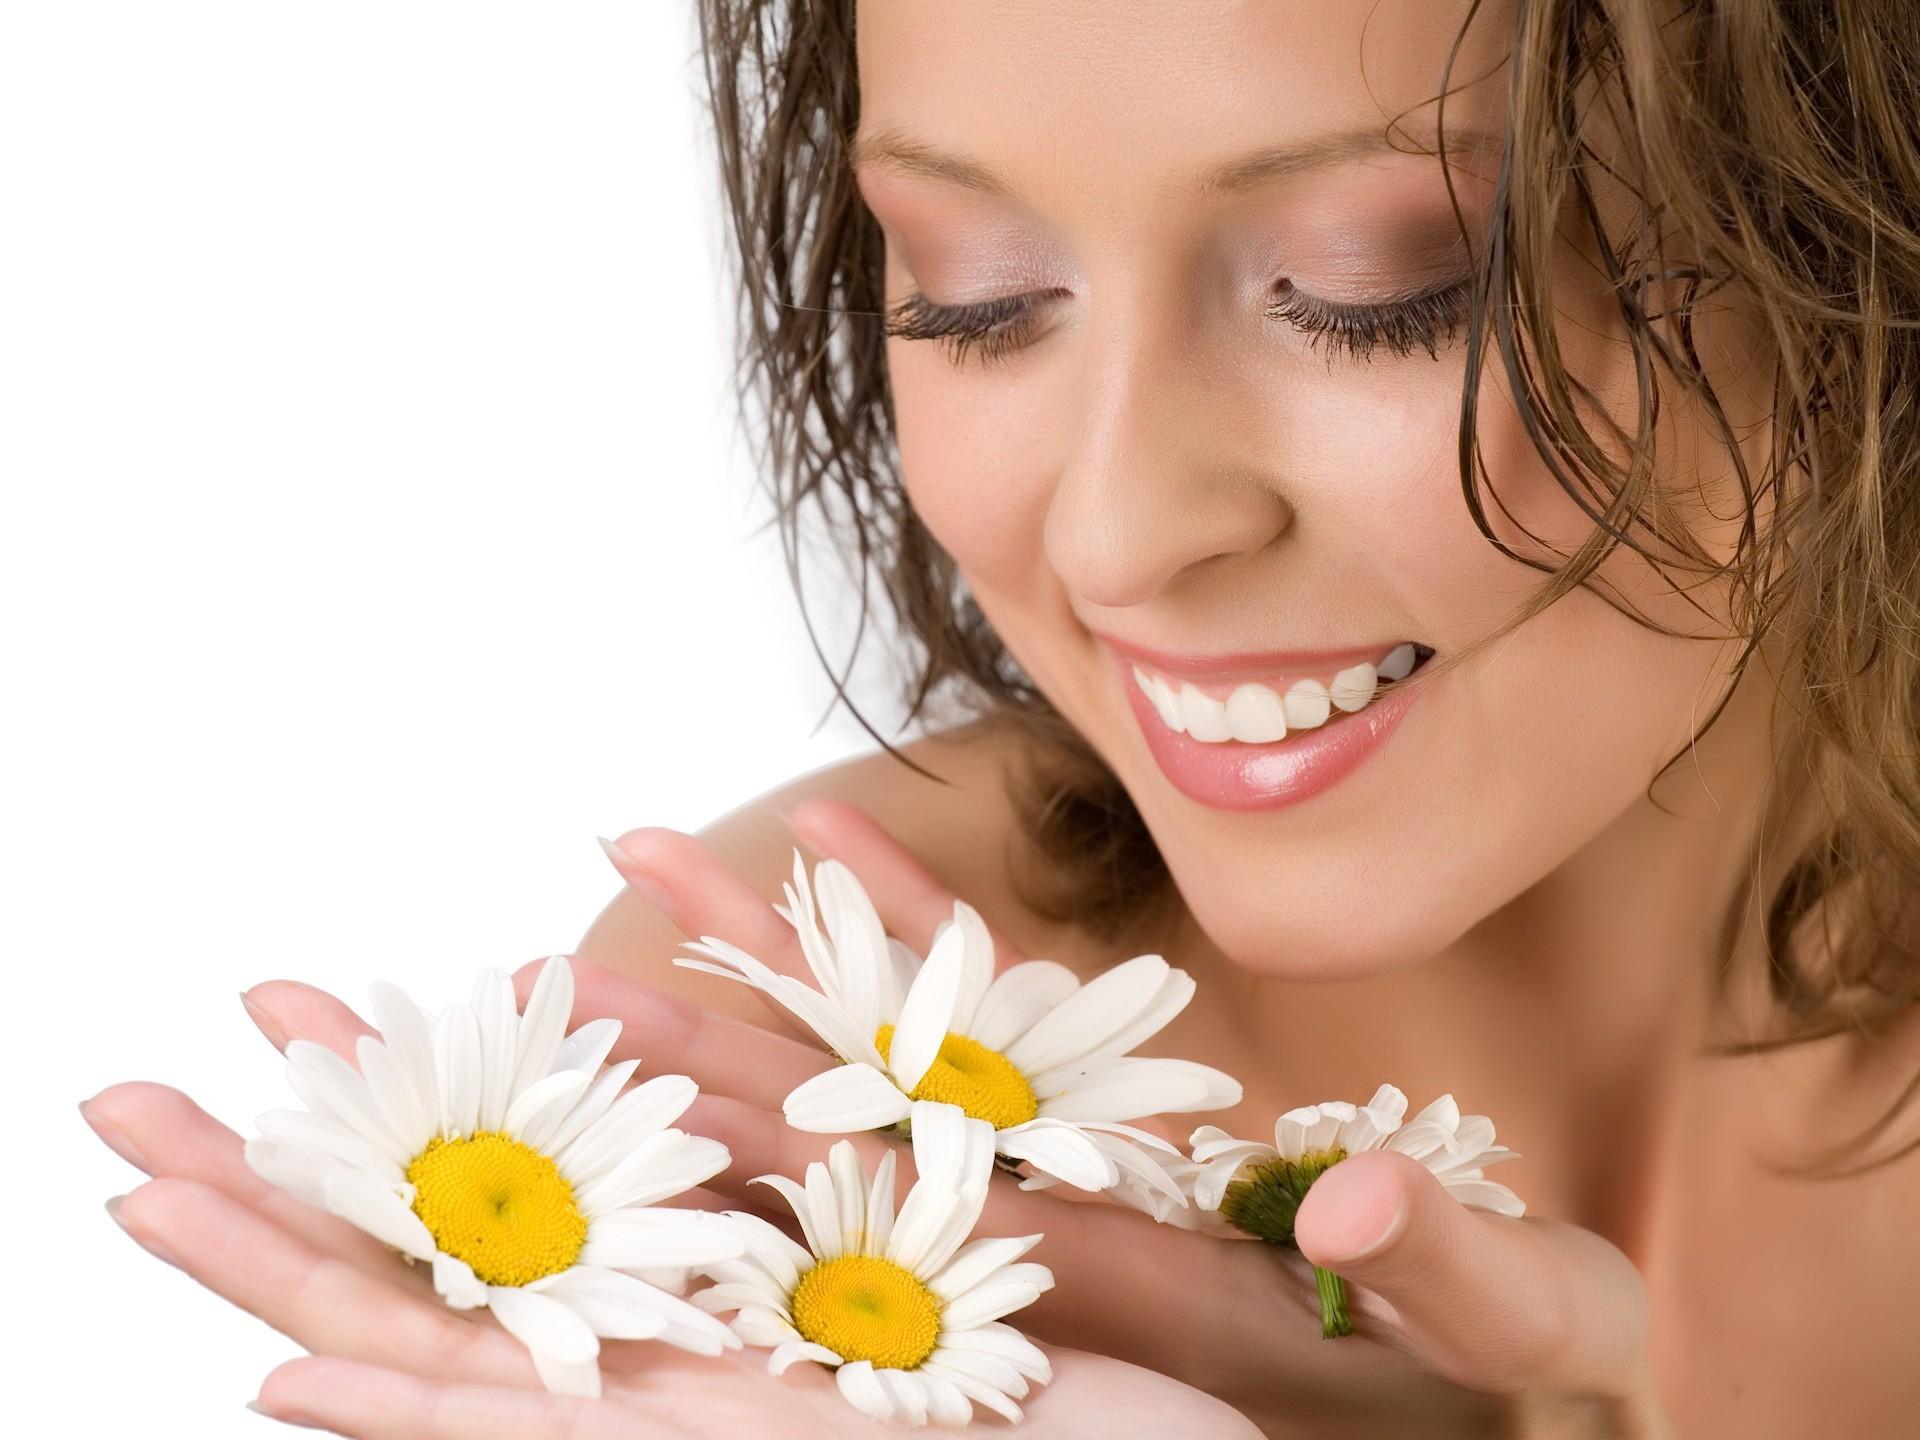 Января, открытка с улыбкой девушки